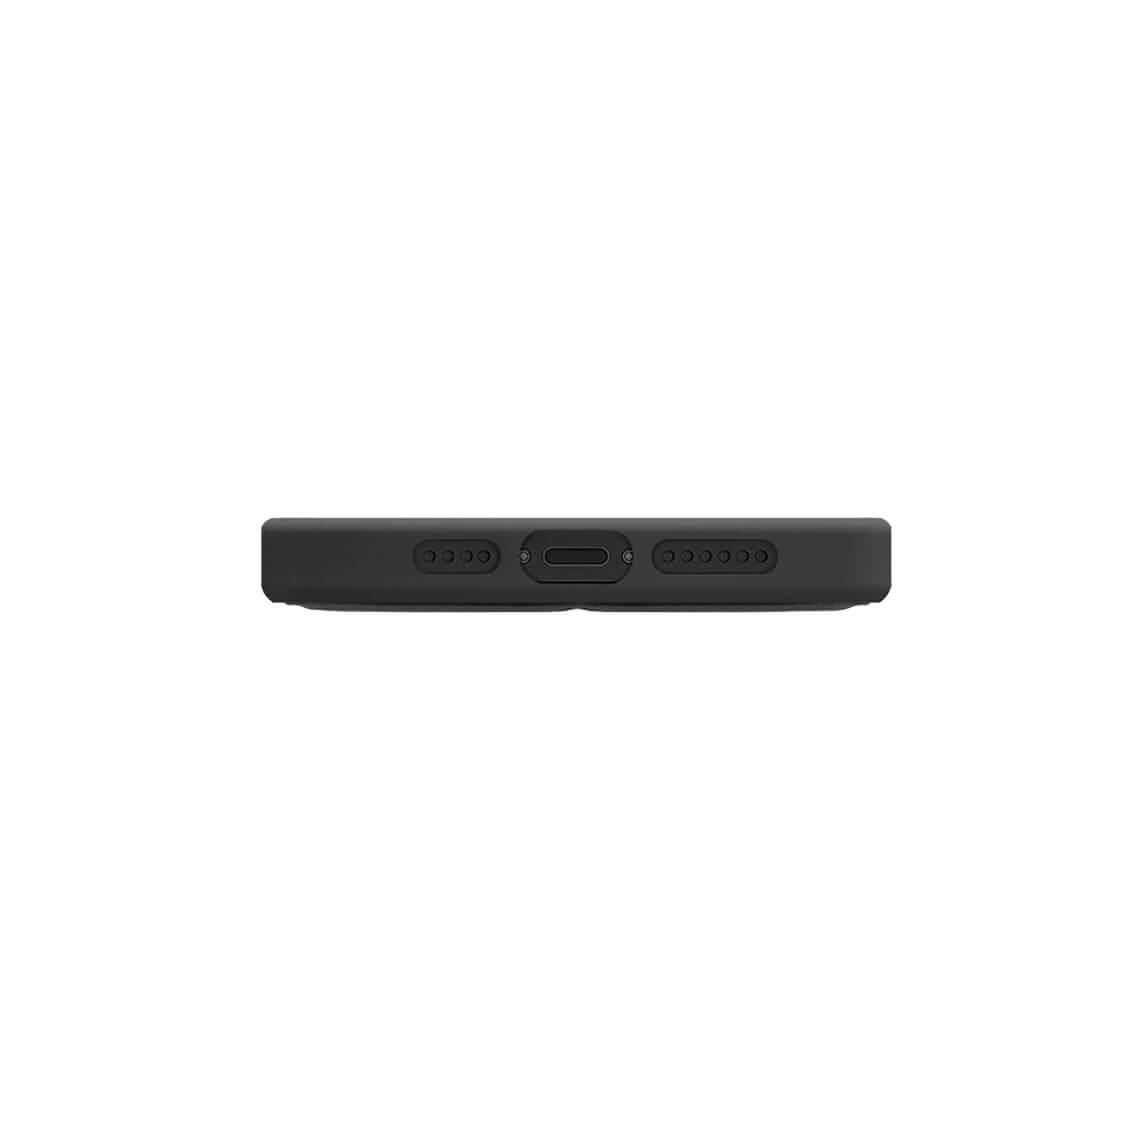 کاور یونیک Transforma آیفون 12 Pro Max